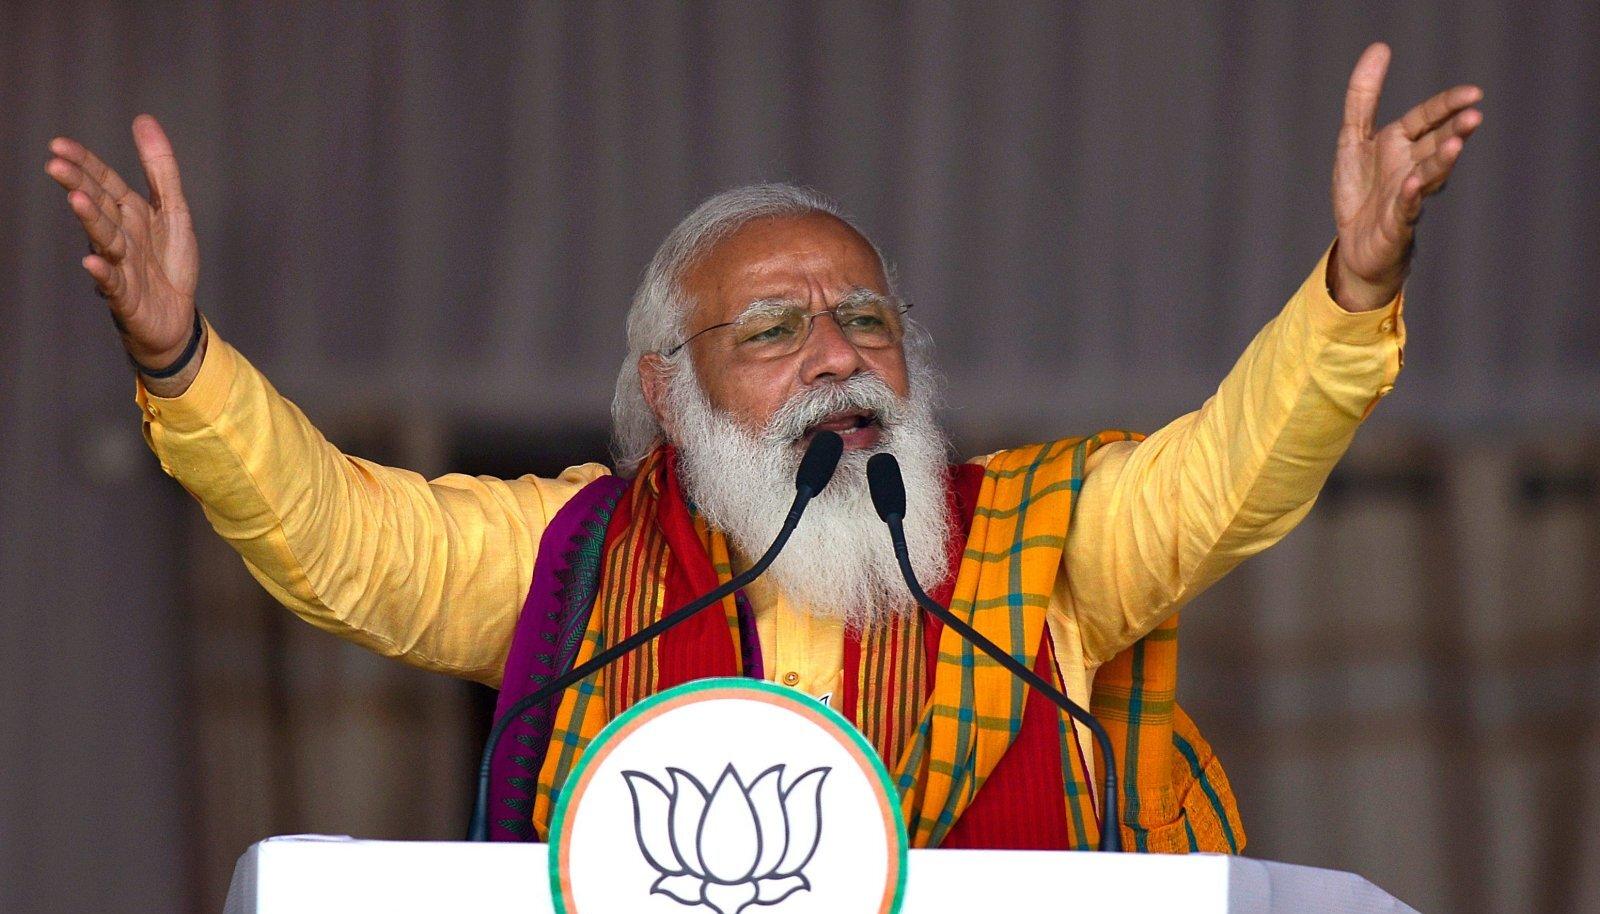 RAHVAMEES VAJUB: Viimase nakkuslaine eelgi oli Modil 75protsendine toetus. Kuid nüüd on tuuled pöördumas.